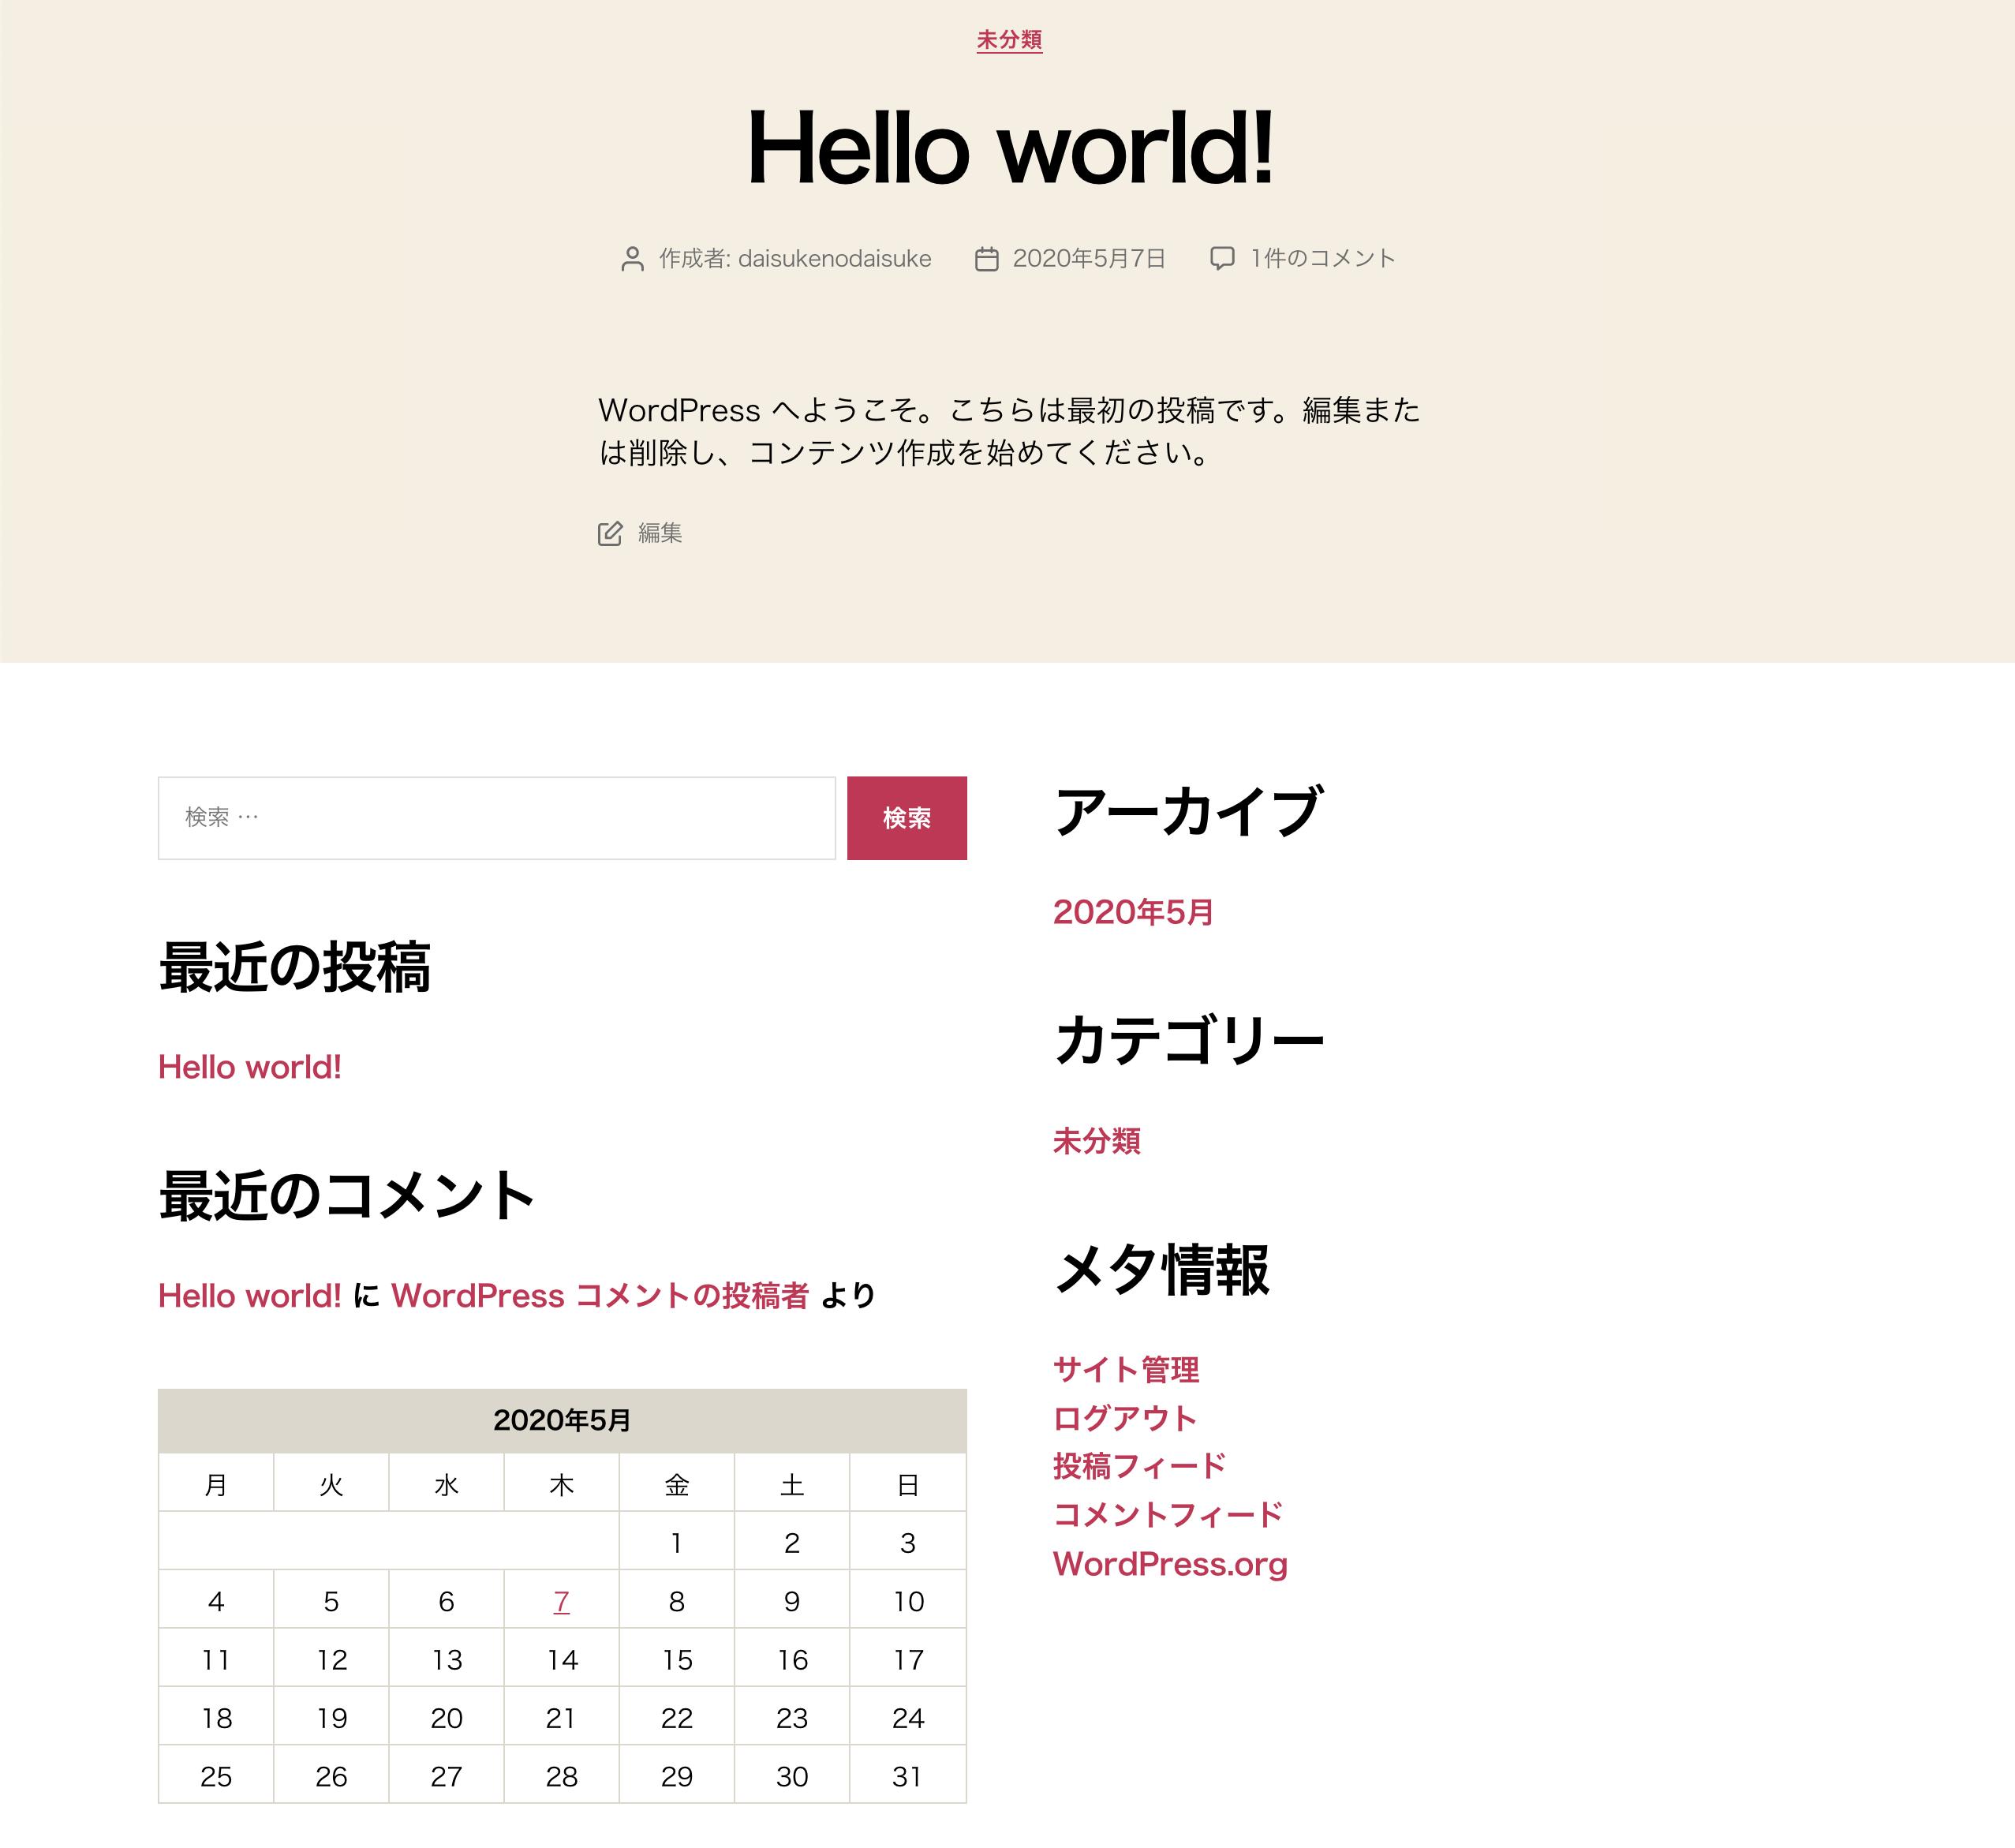 スクリーンショット 2020-05-13 22.37.01